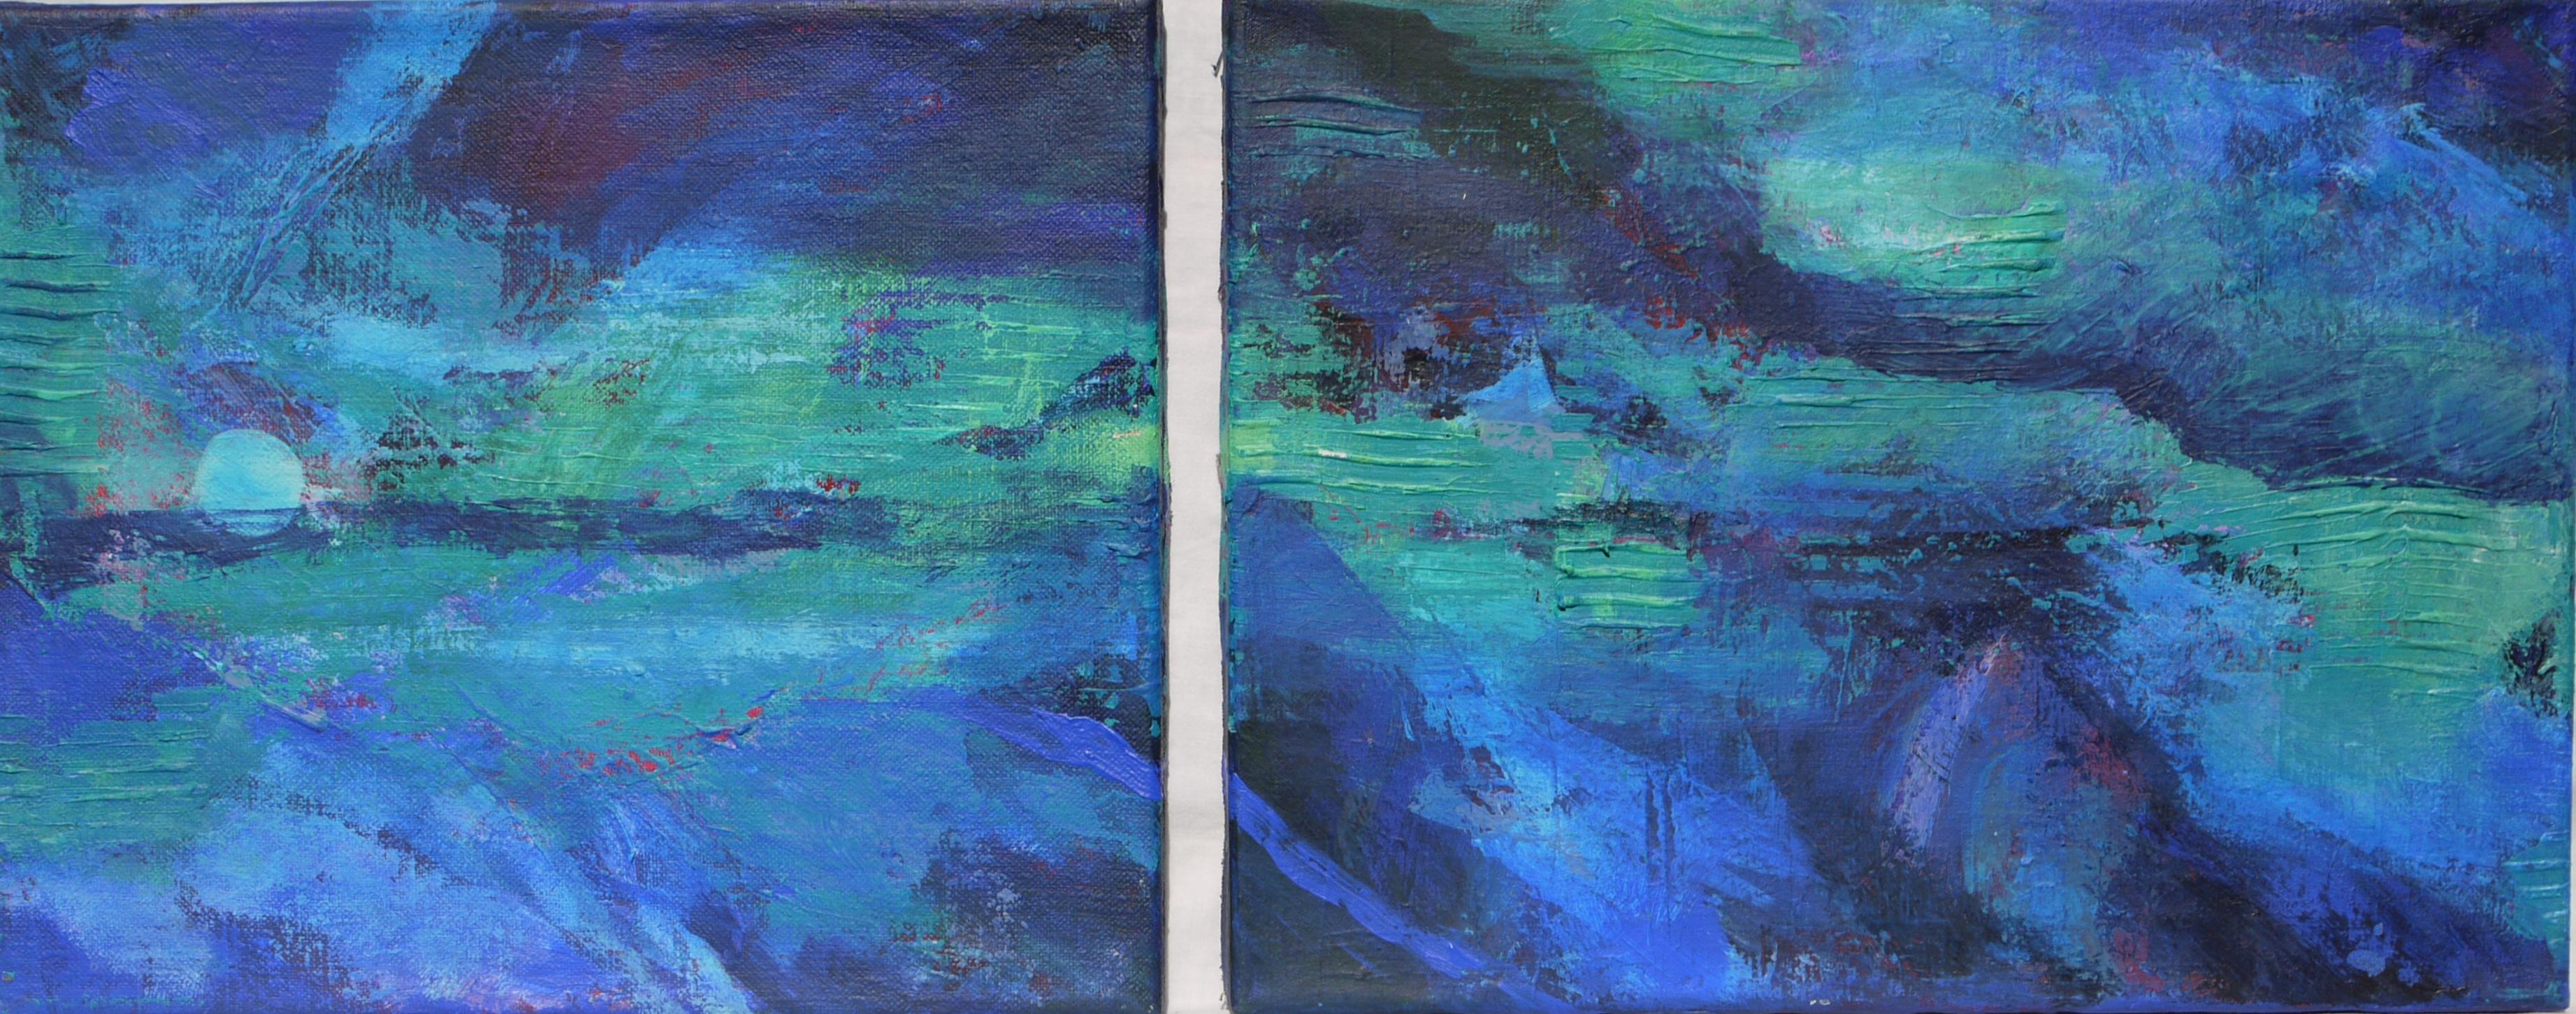 z.t., acryl op linnen, 30 x 35 en 30 x 40 cm